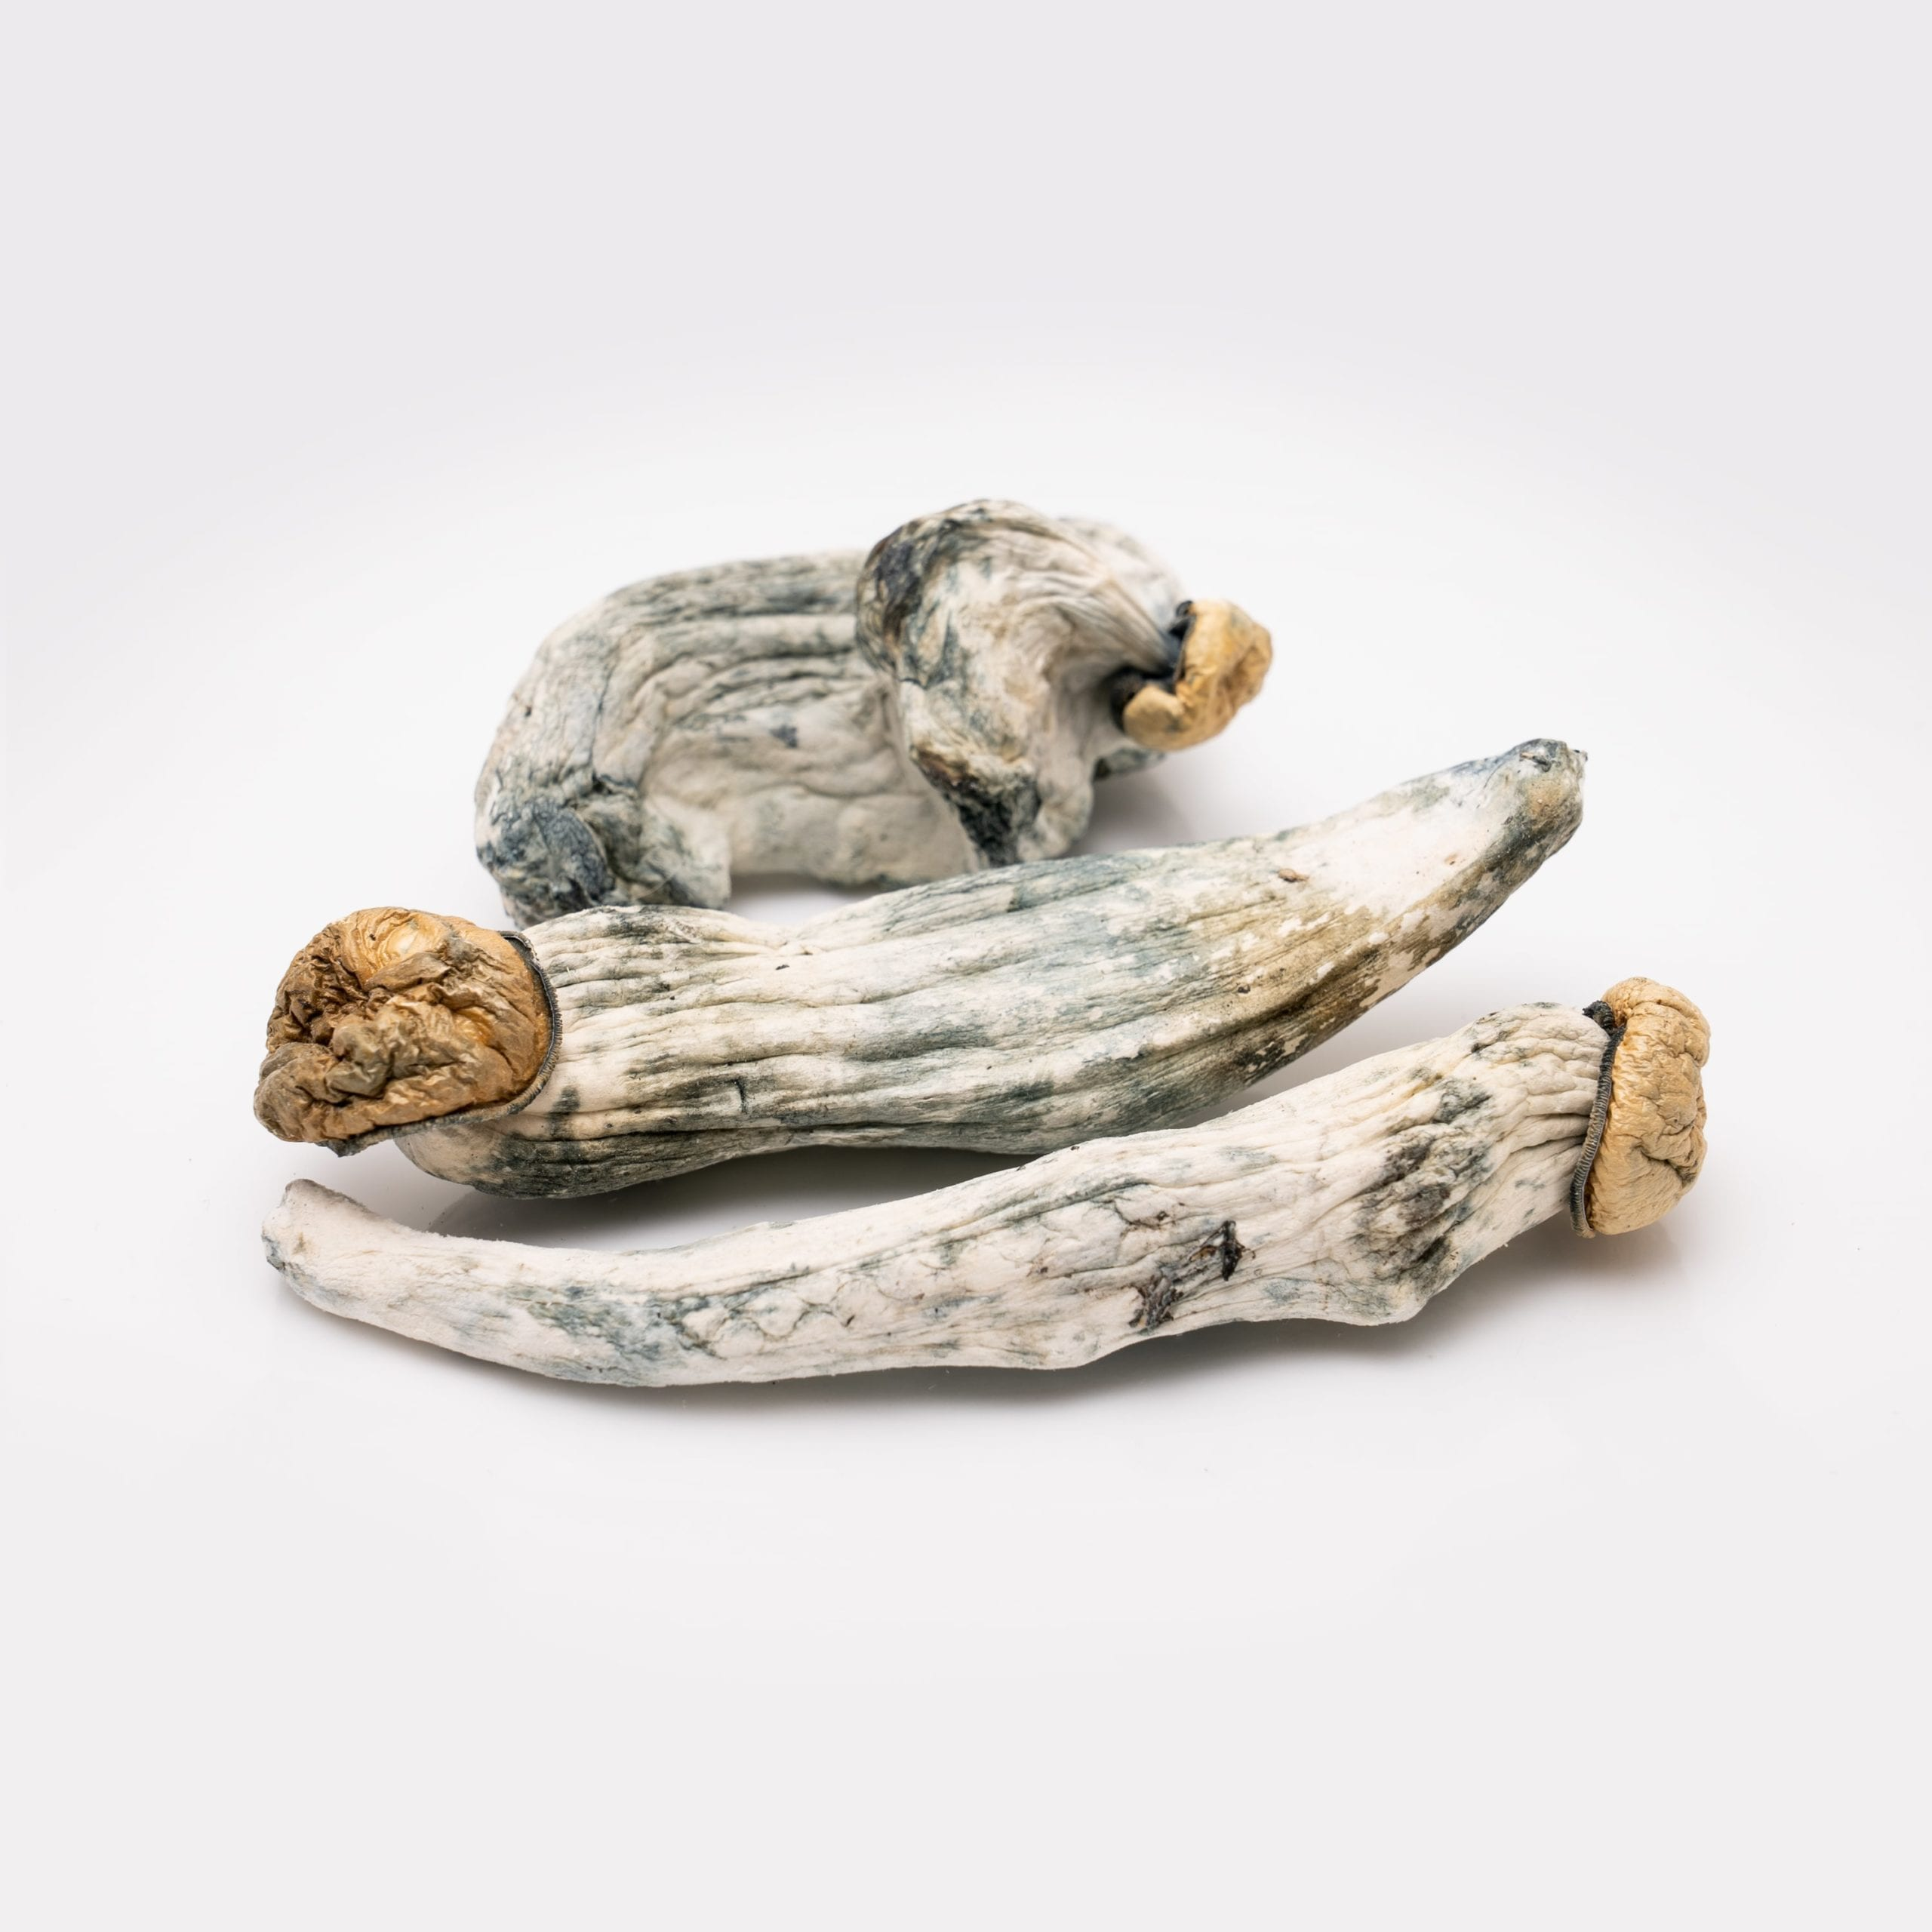 dried penis envy mushrooms